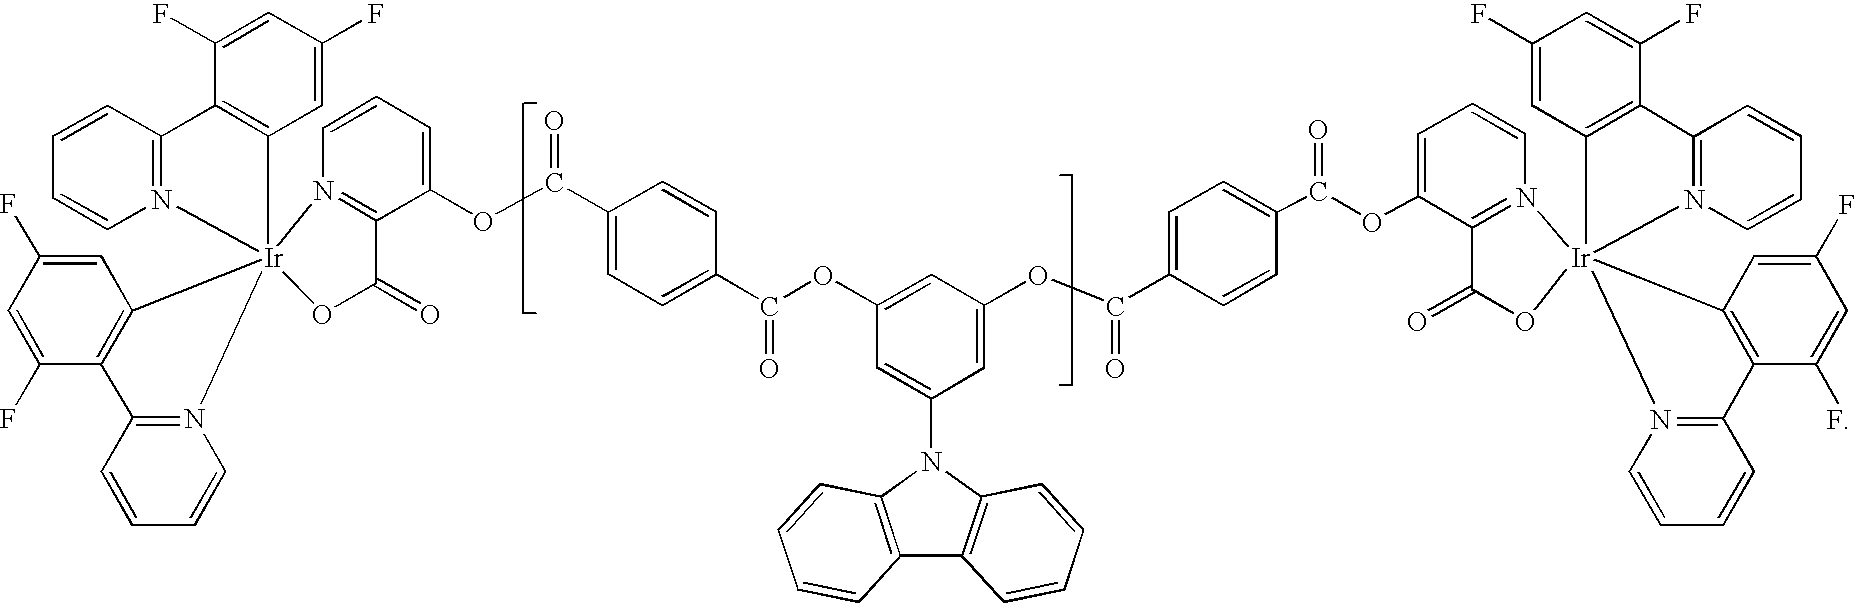 Figure US07851579-20101214-C00037